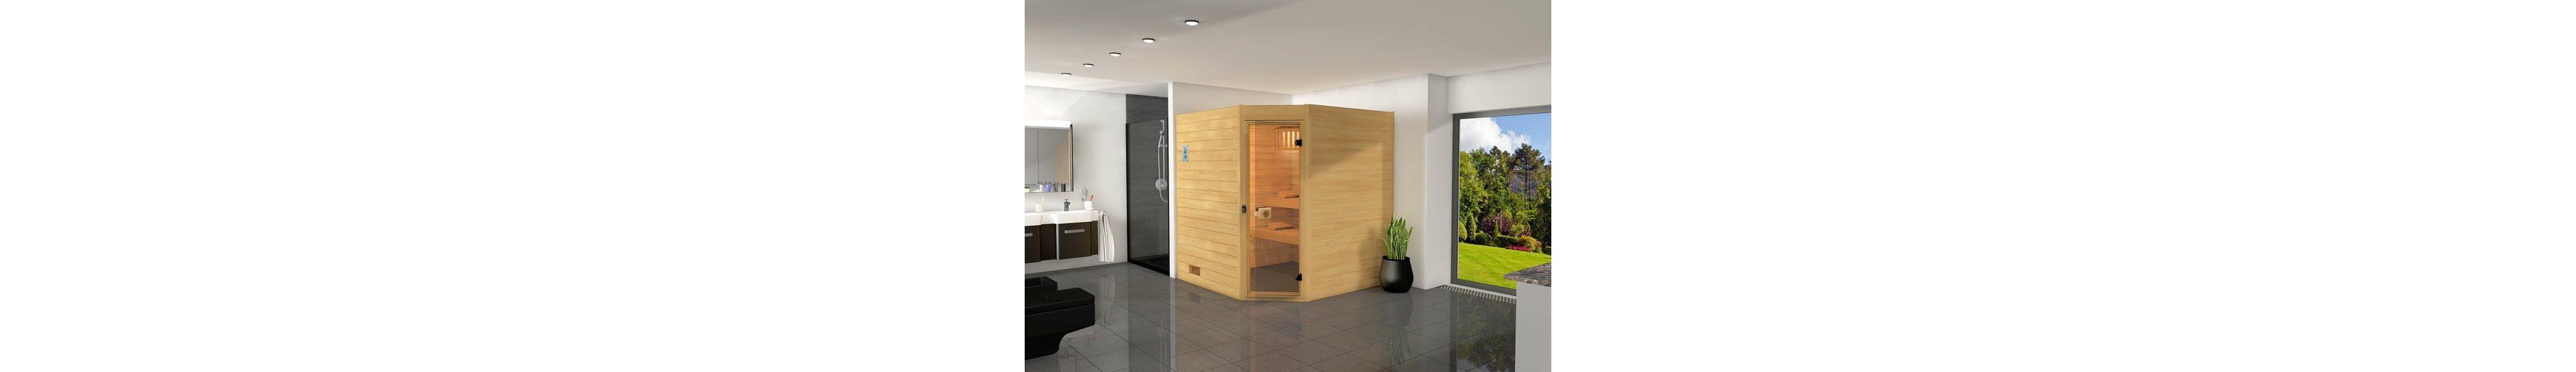 Sauna »Vaasa 2«, 187/170/203,5 cm, 7,5-KW-Ofen mit ext. Steuerung